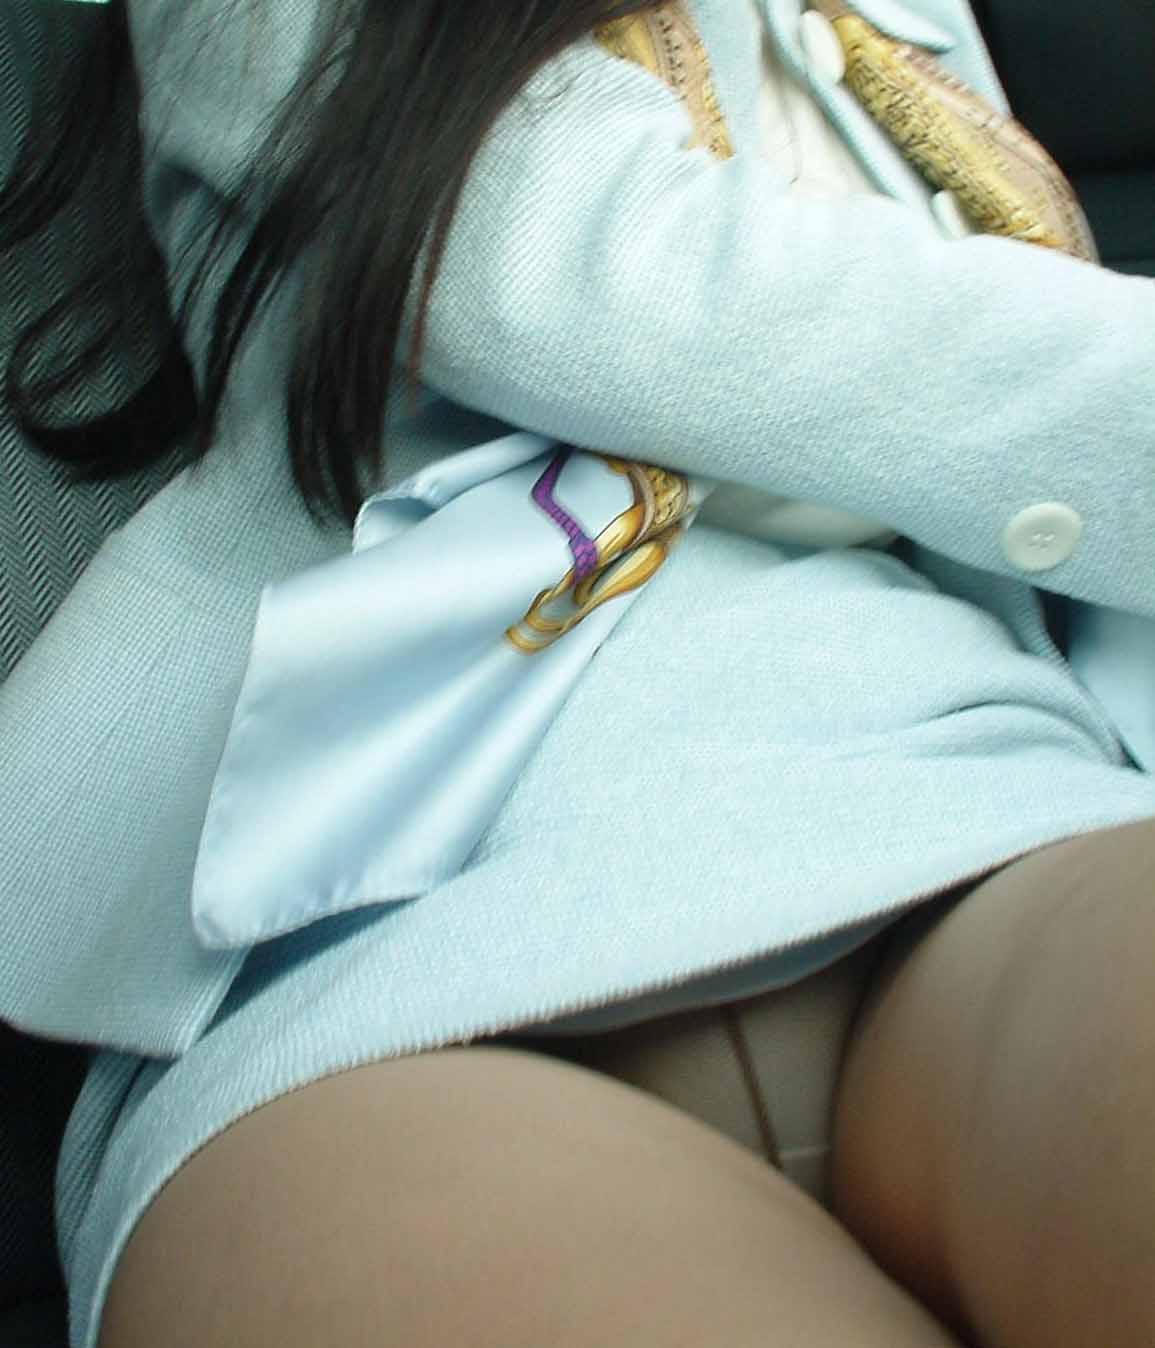 【パンチラエロ画像】生脚+ミニは冬だと希少…座りパンチラ女子探訪!